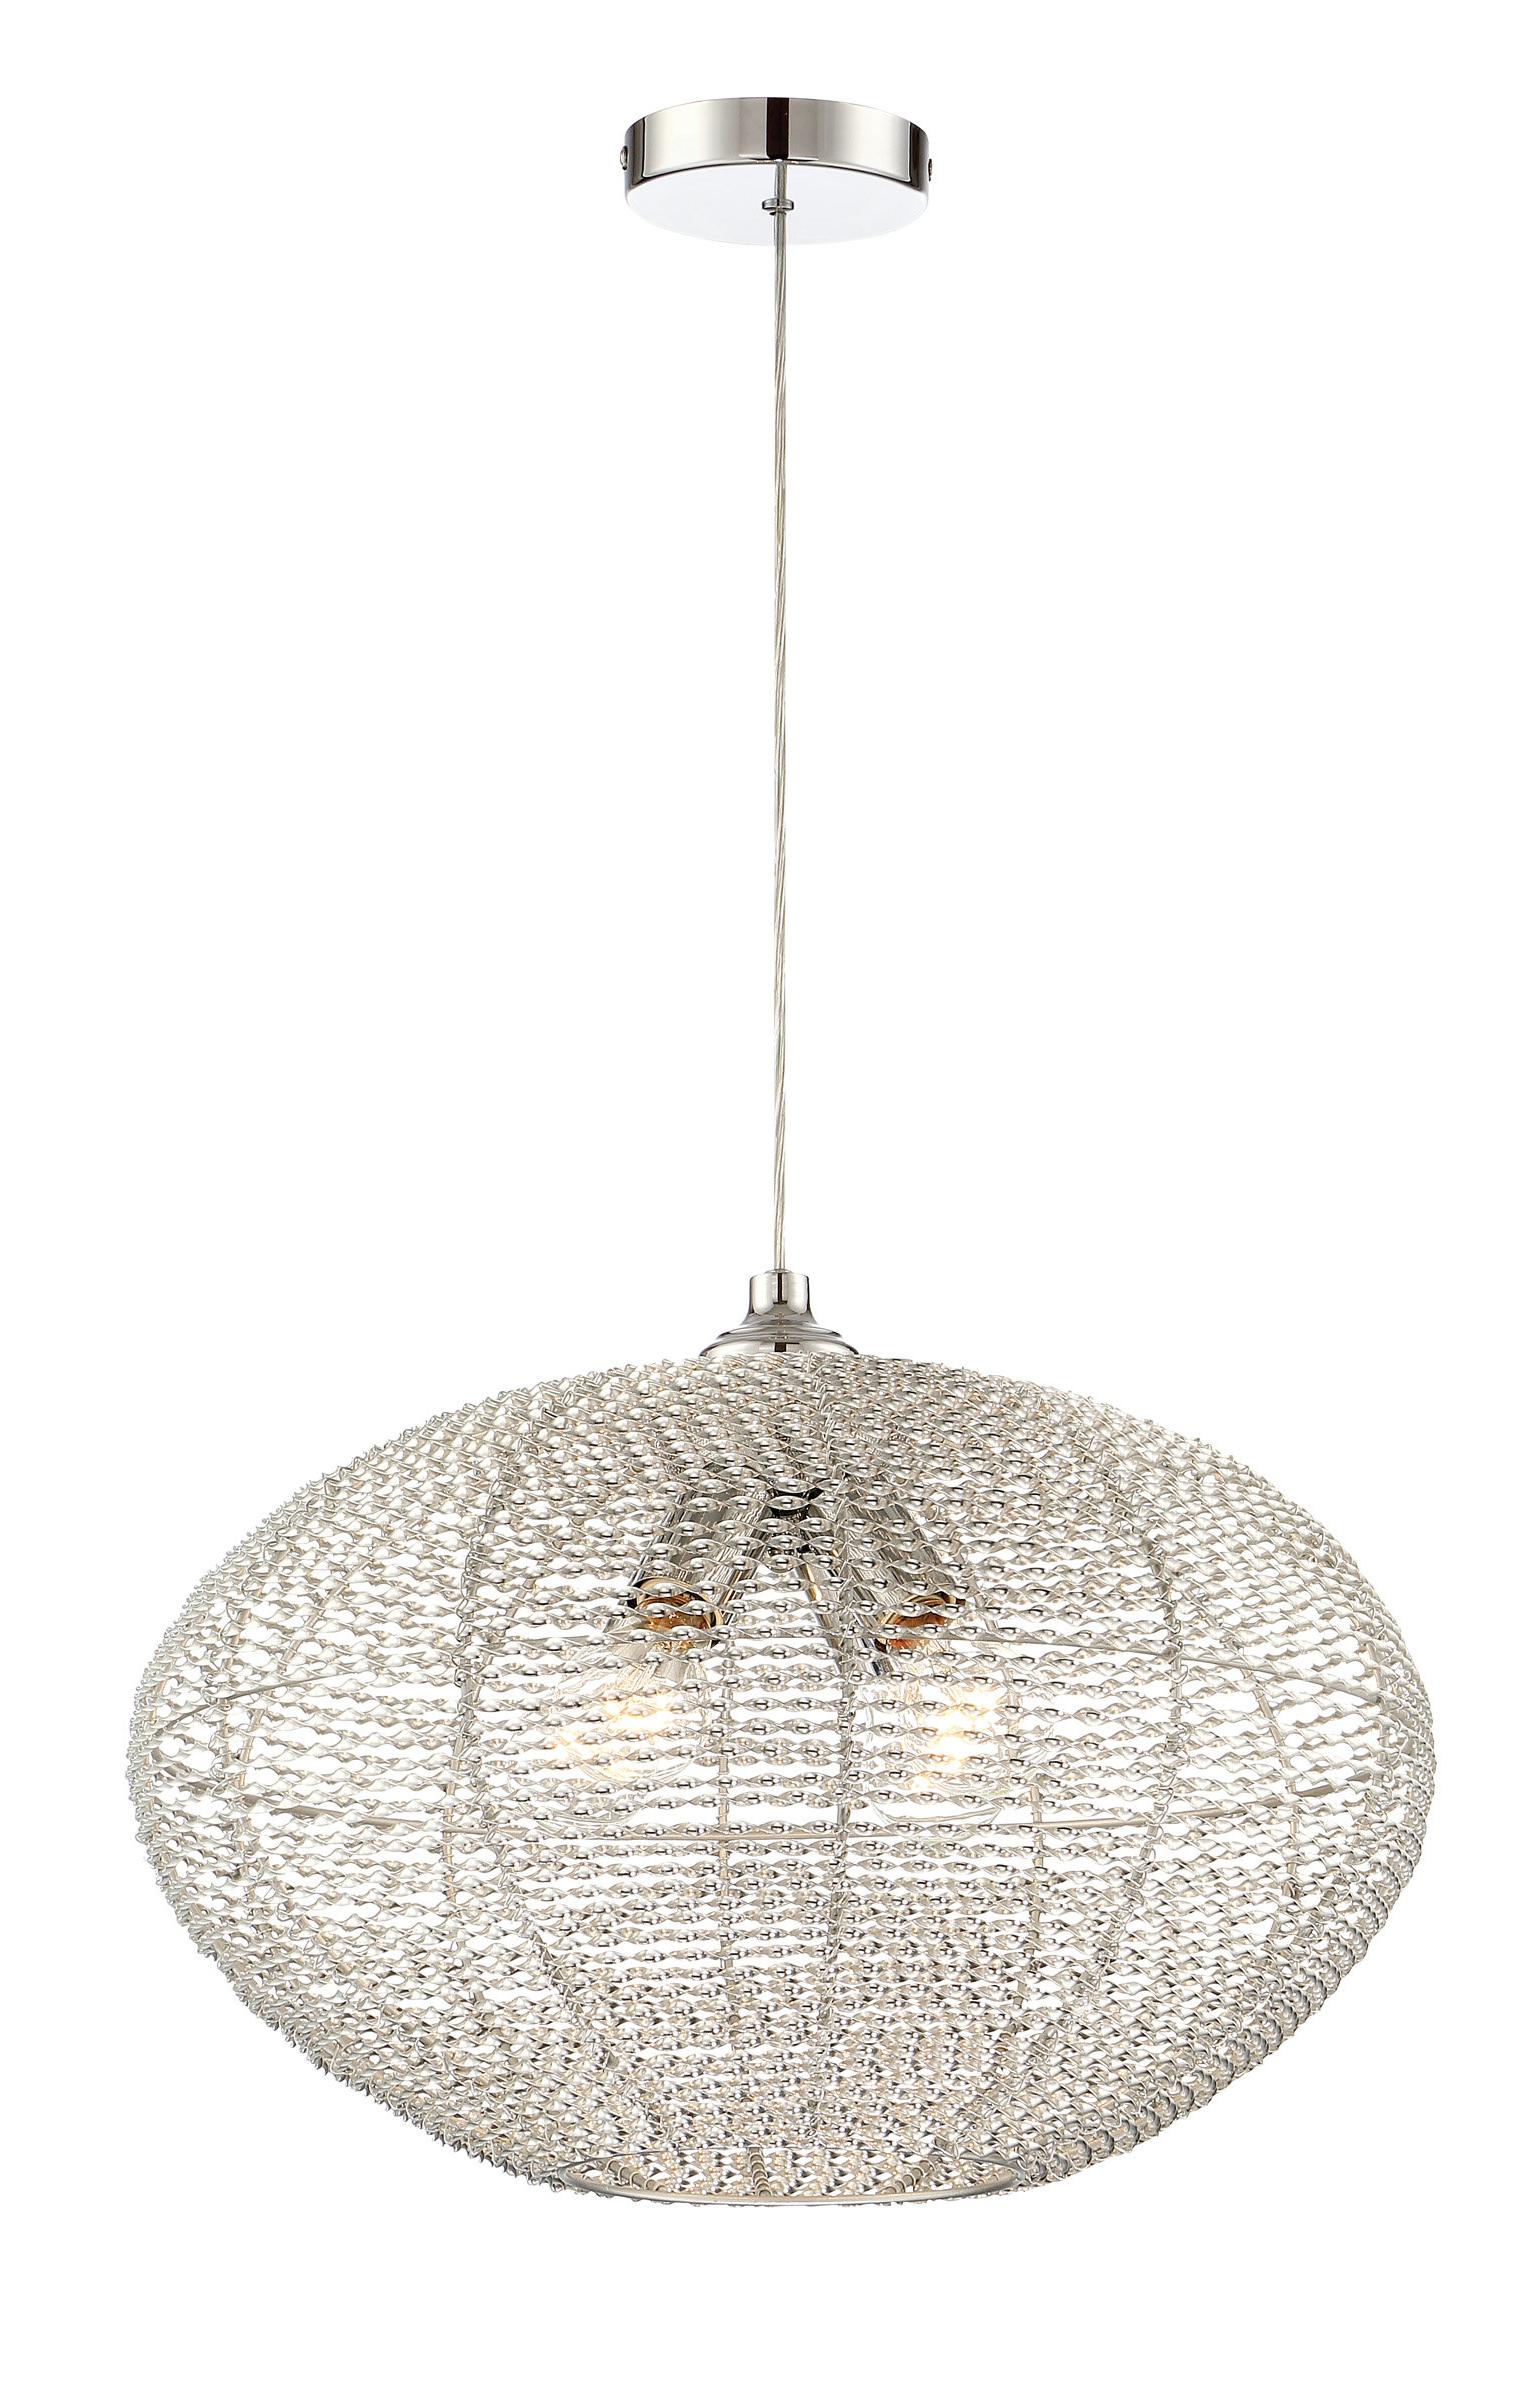 2020 Topsham 4 Light Globe Chandelier Inside Gregoire 6 Light Globe Chandeliers (View 2 of 25)